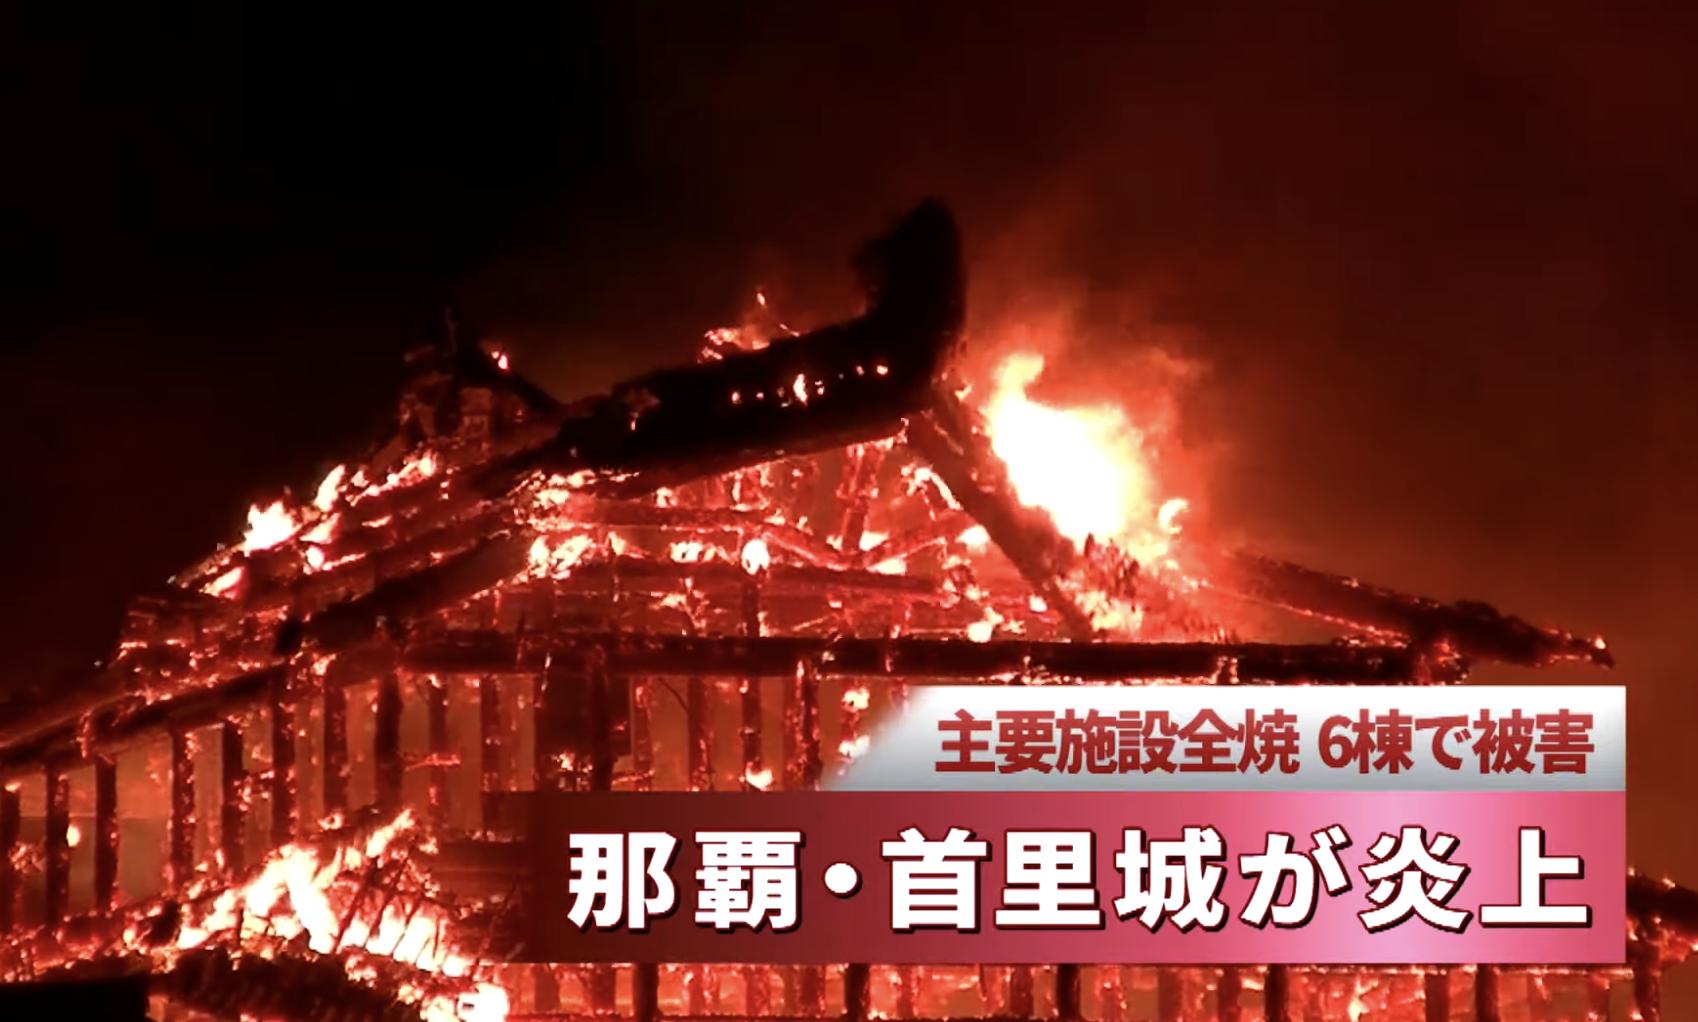 31日凌晨2點40分左右,沖繩首里城發生火災,世界遺產一夜間化廢墟。(視頻截圖)